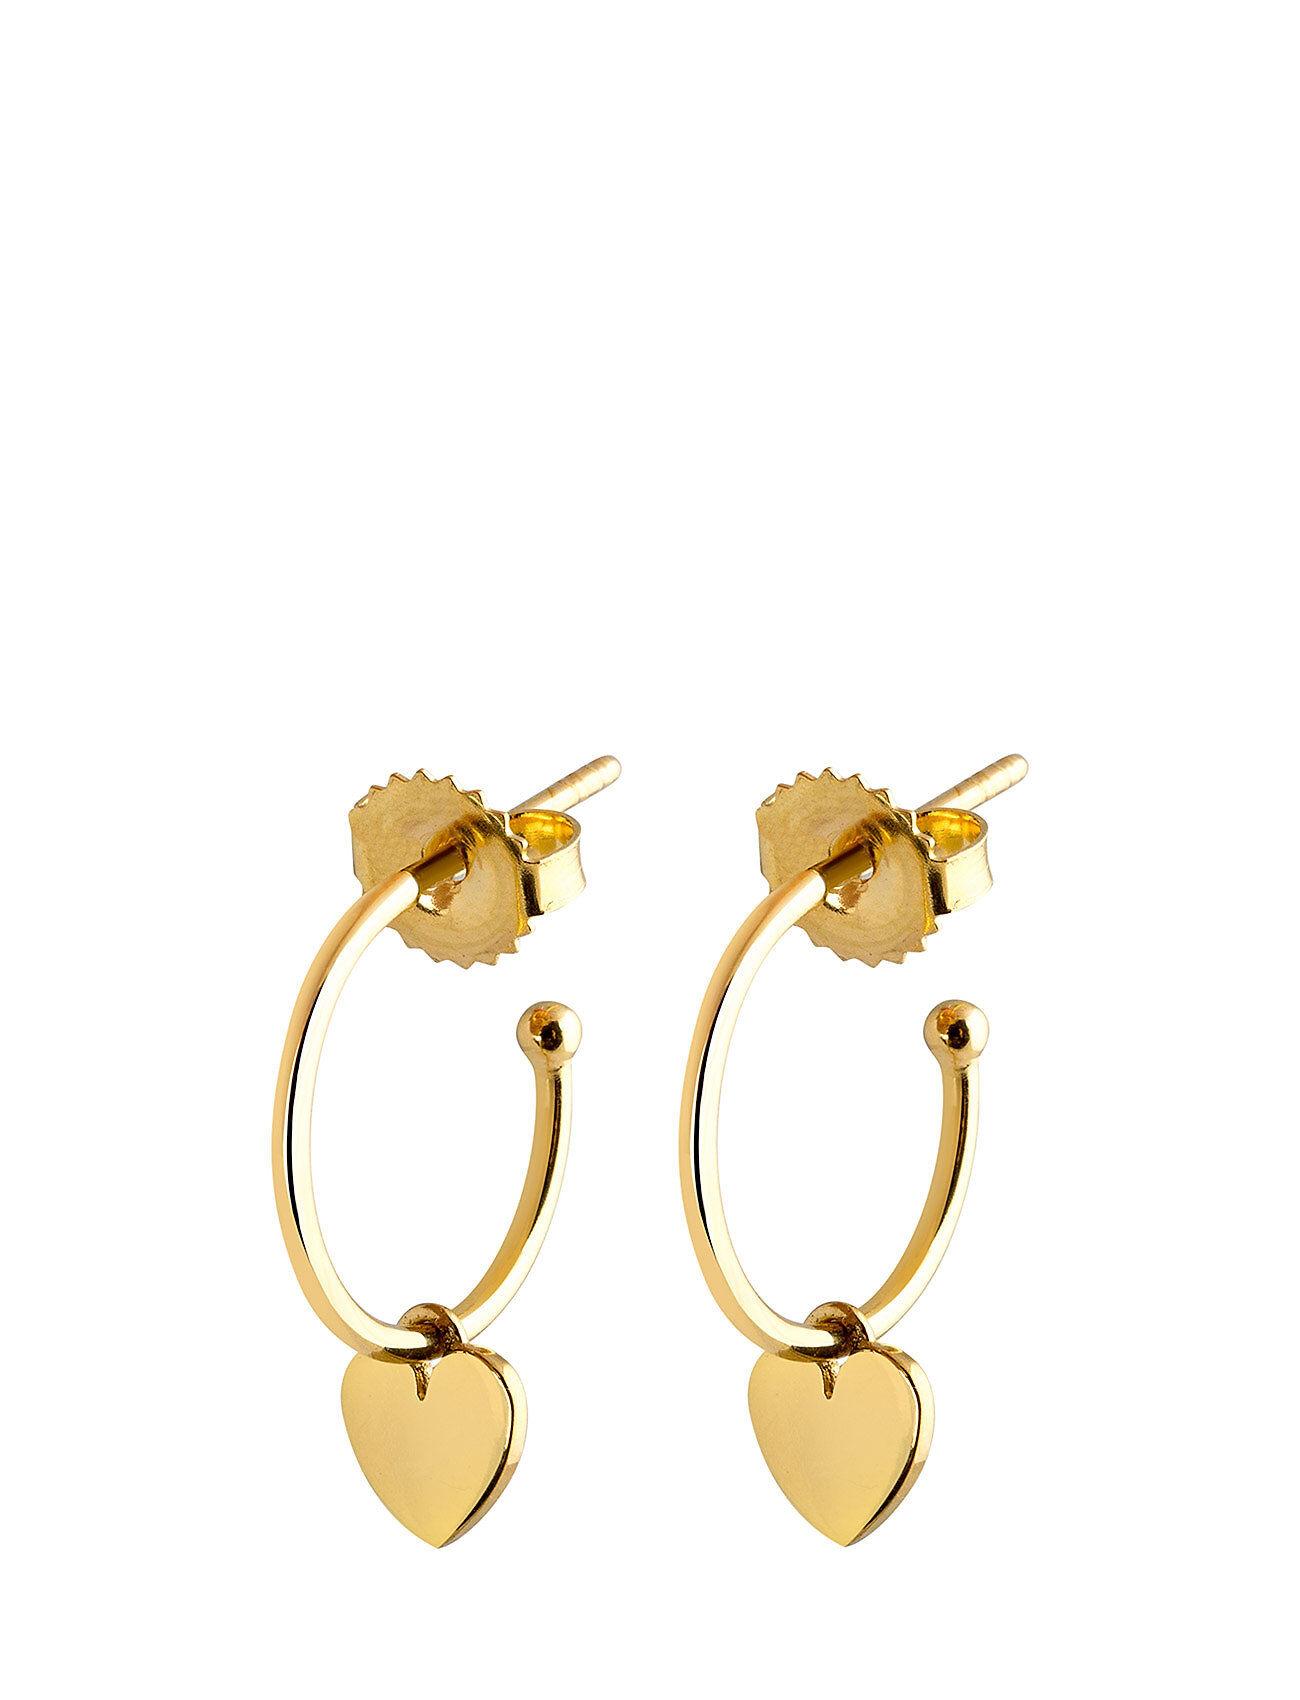 SOPHIE by SOPHIE Mini Hoops Heart Accessories Jewellery Earrings Hoops Kulta SOPHIE By SOPHIE